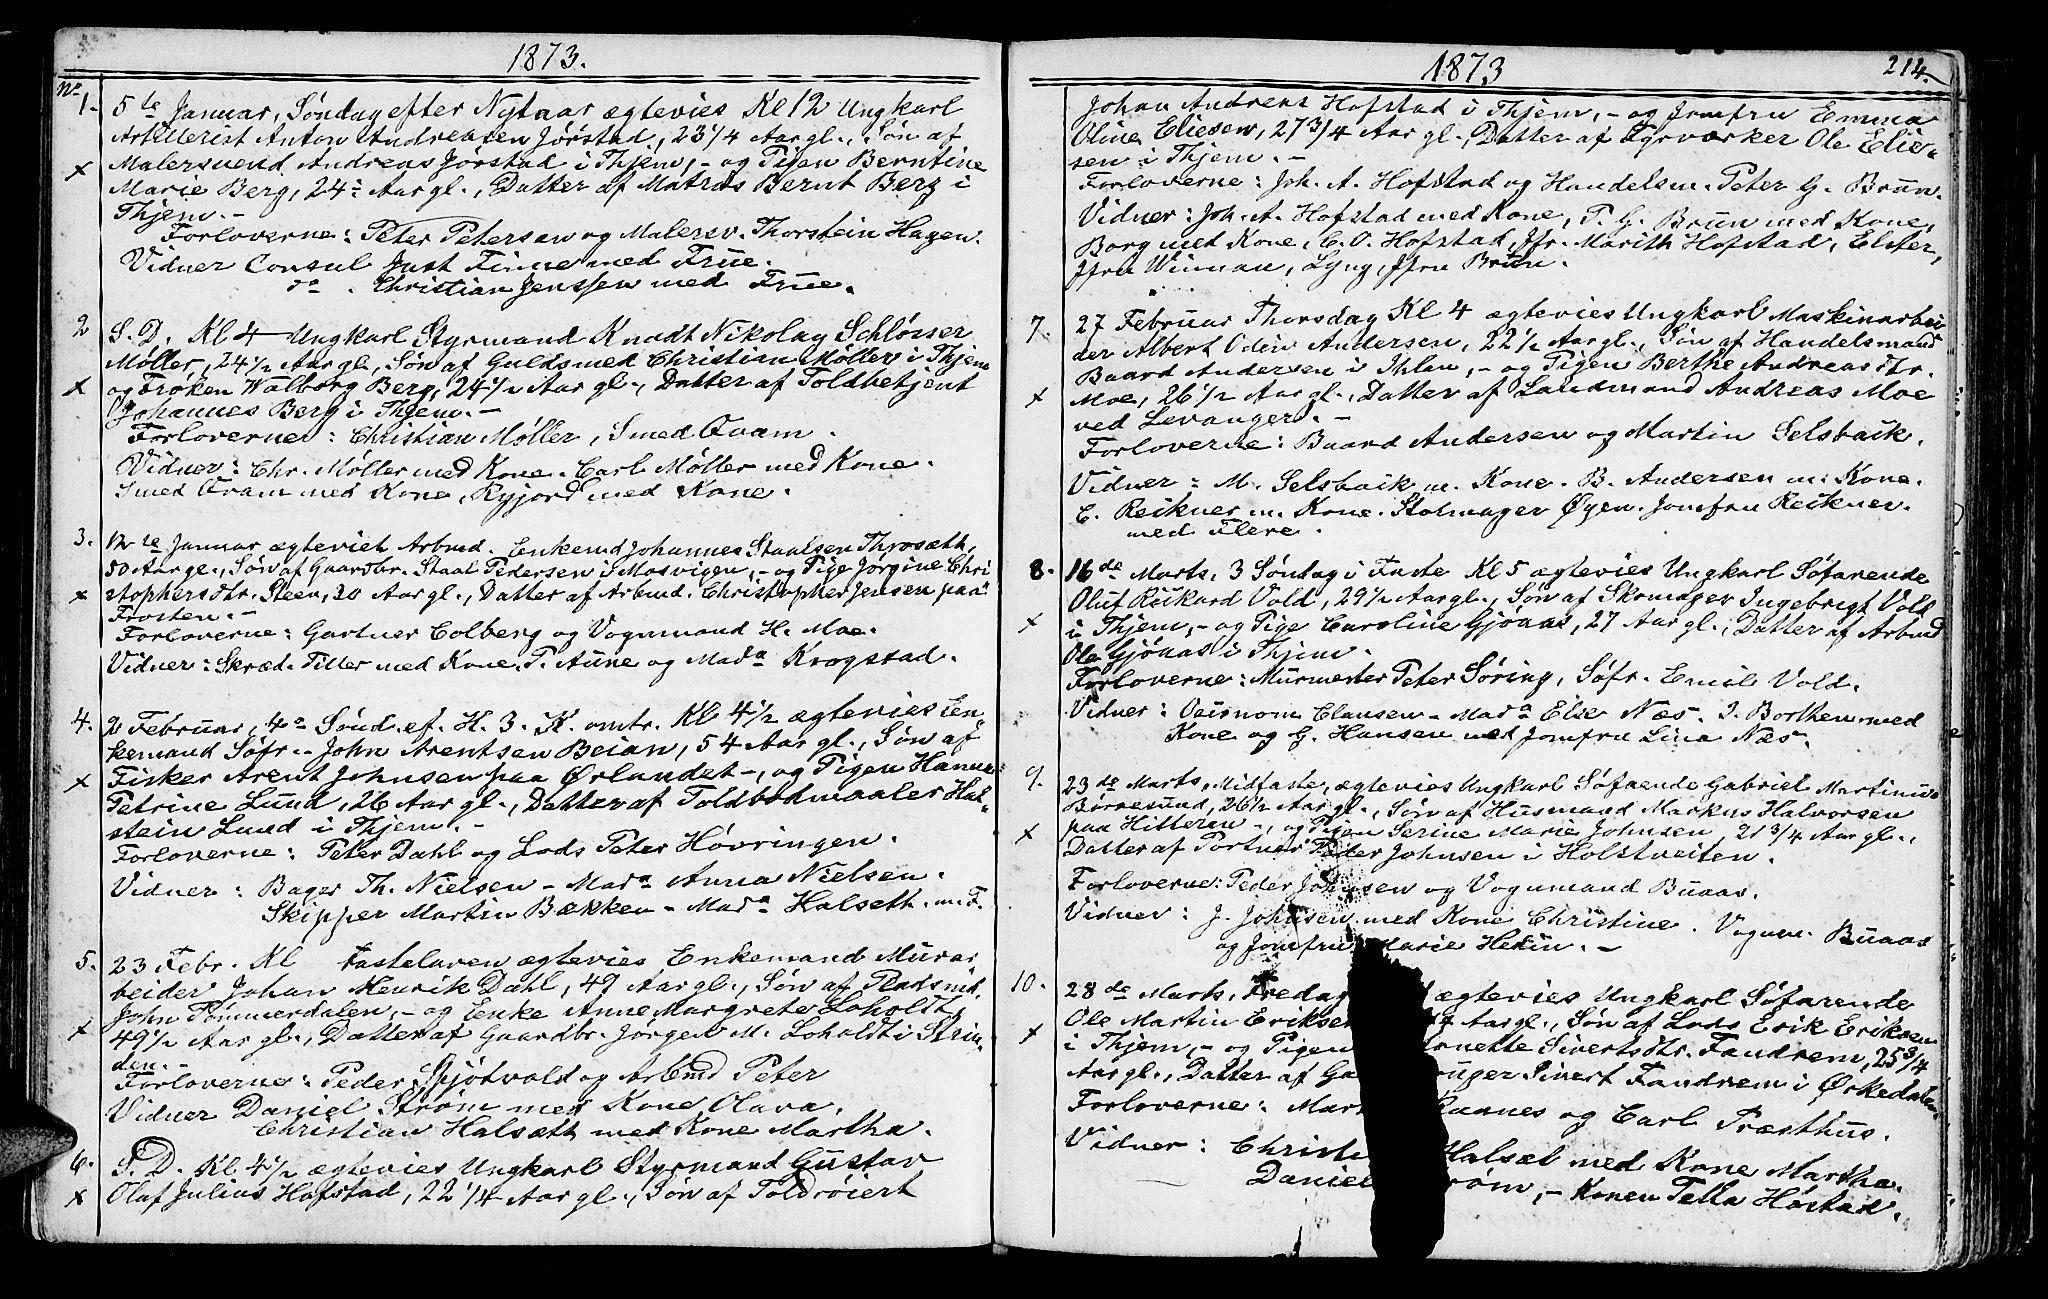 SAT, Ministerialprotokoller, klokkerbøker og fødselsregistre - Sør-Trøndelag, 602/L0142: Klokkerbok nr. 602C10, 1872-1894, s. 214